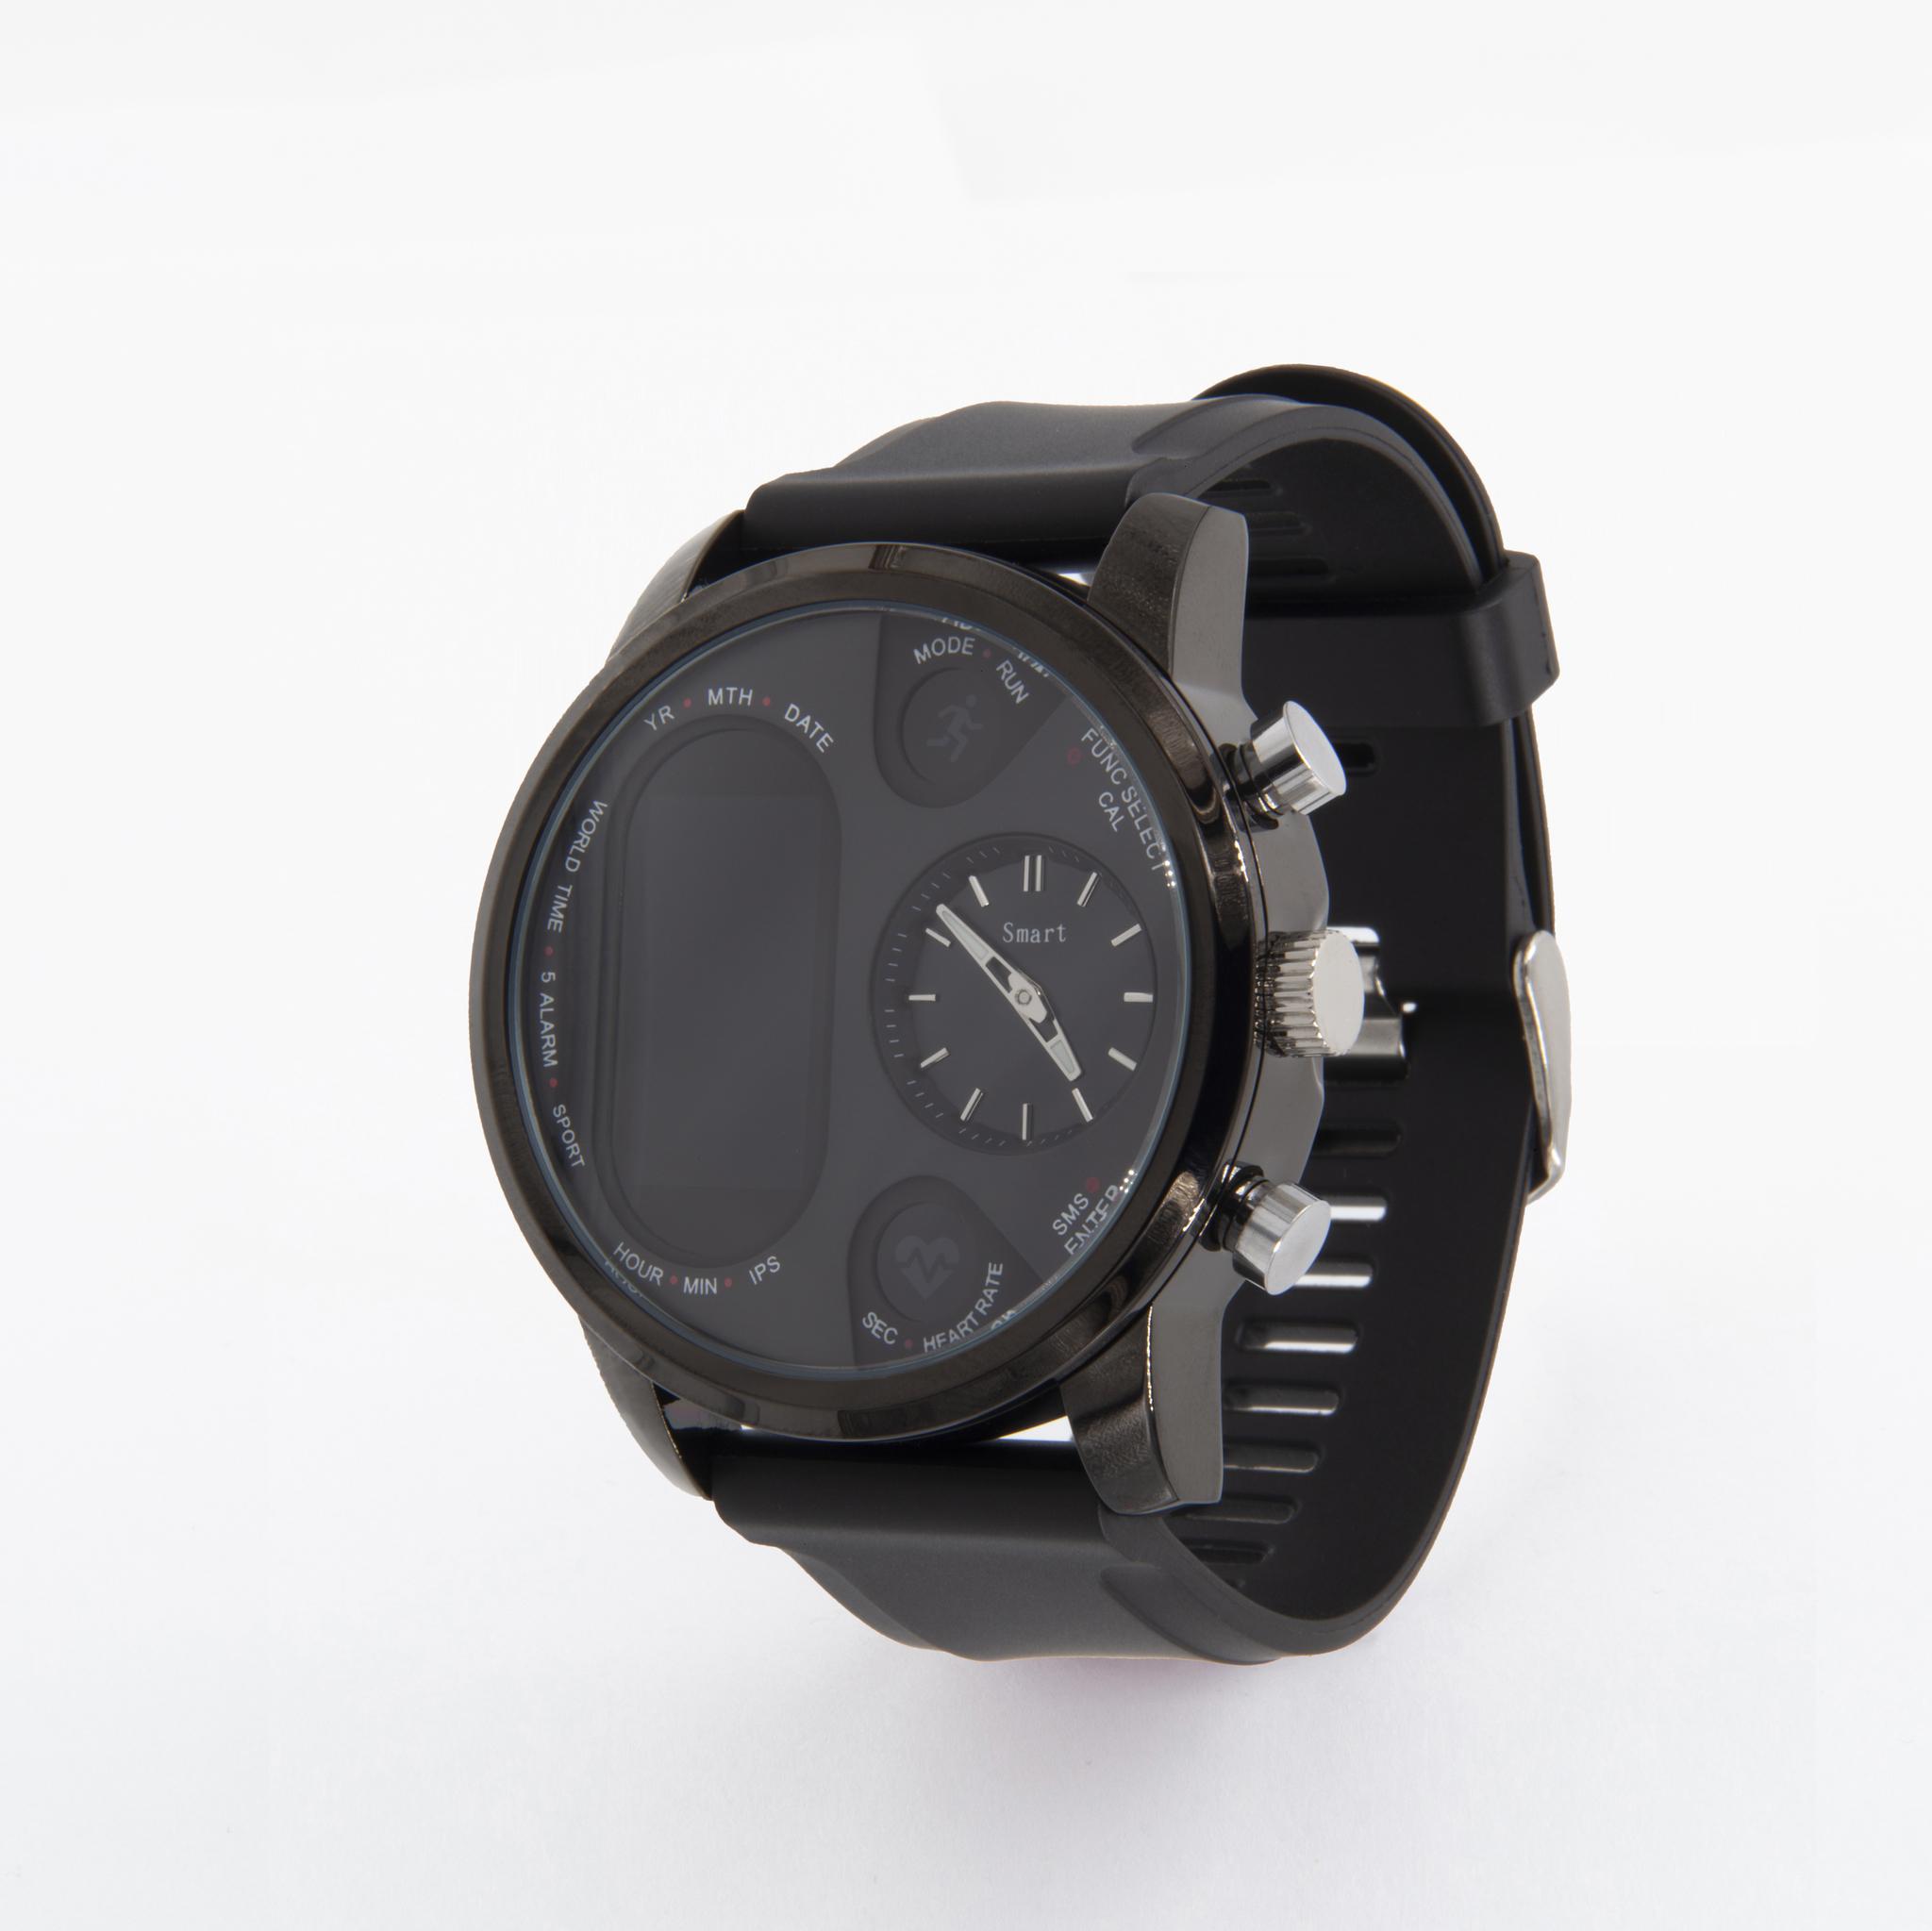 Имиджевые часы здоровья с механическими часами, оценкой давления, кислорода и автоматическим замером пульса Dr. Hofner DH99 (чёрный)